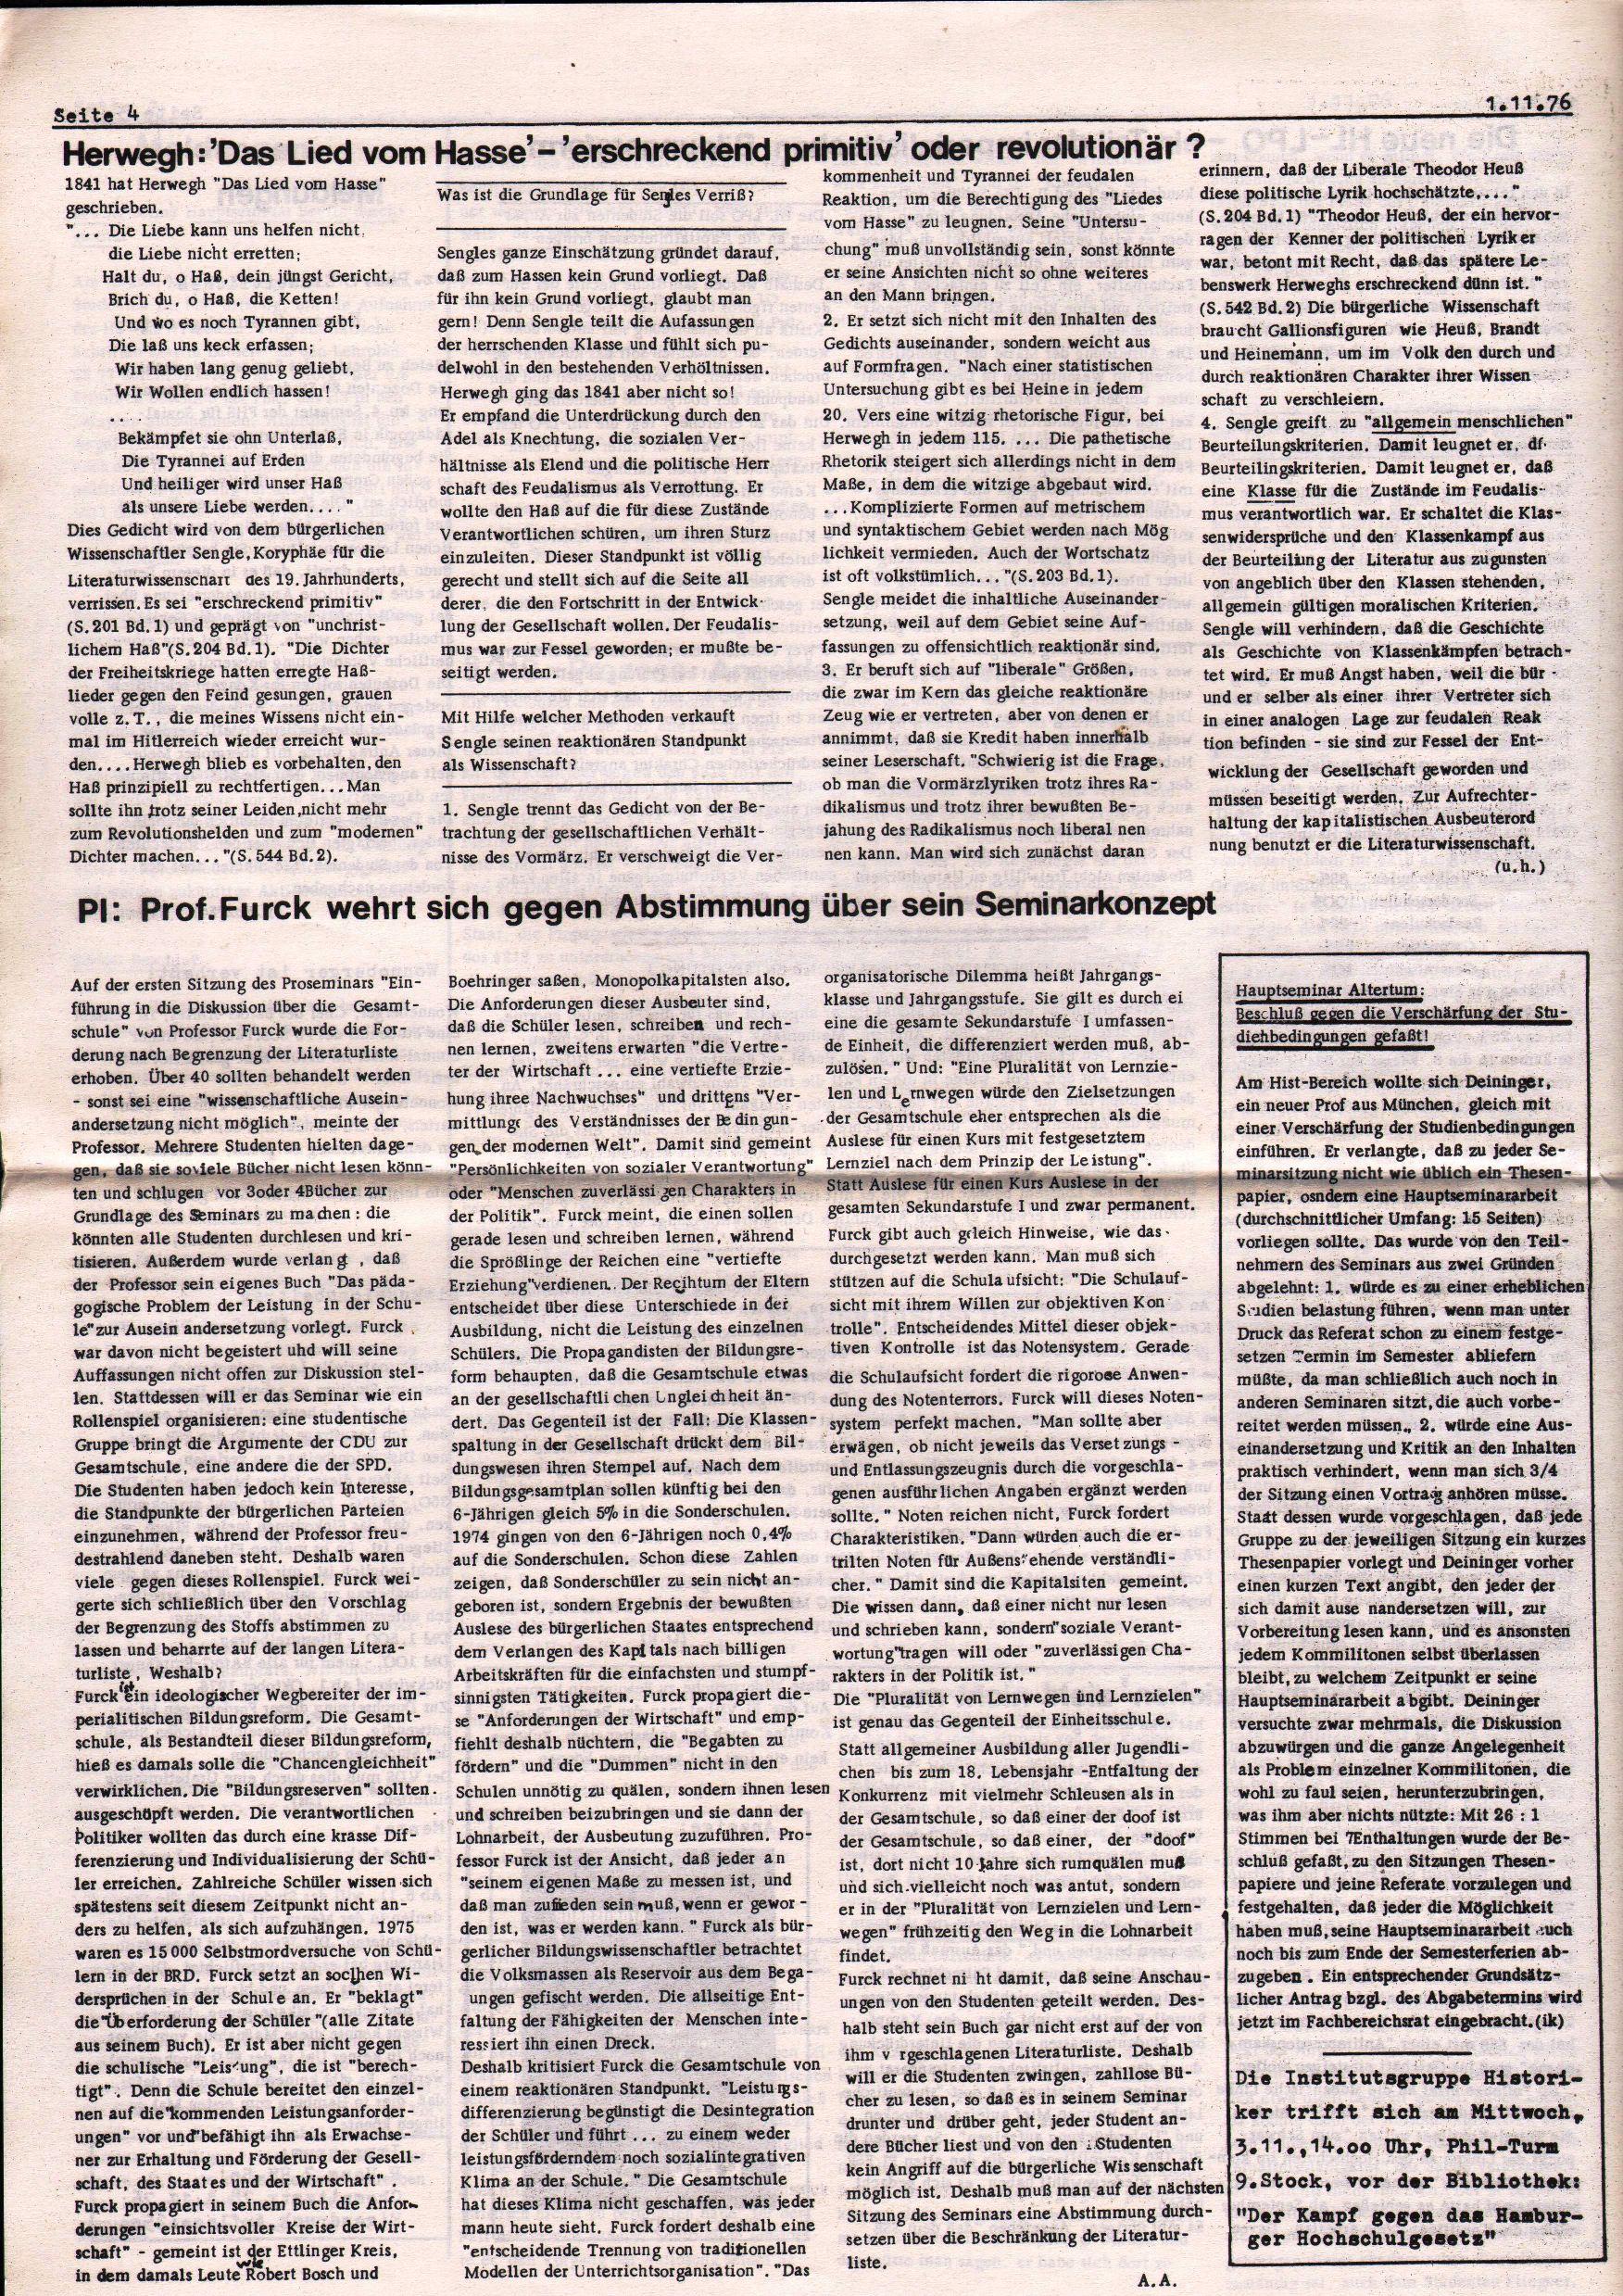 Hamburg_Rote_Presse534